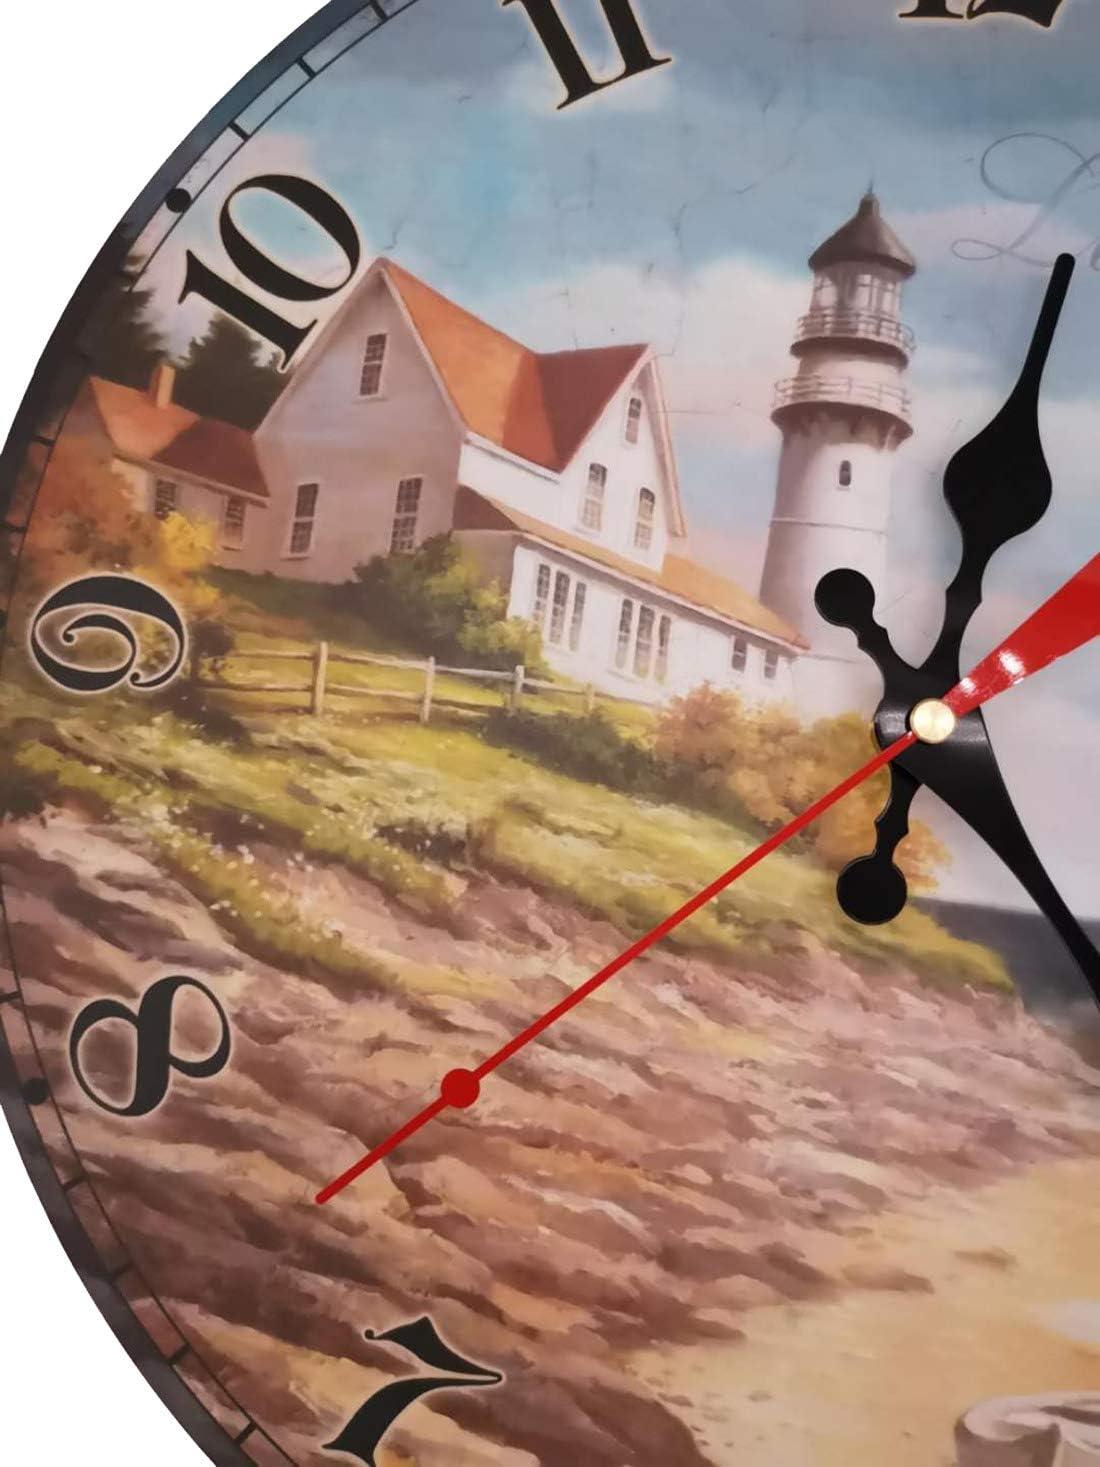 Chef, 30cm VieVogue Horloge Murale Silencieuse Pendules Murales D/écorative en Bois Style Vintage Rustique Minable D/écor Cuisine Maison Chic pour Le Salon Chambre Cuisine Bureau sans Tic Tac